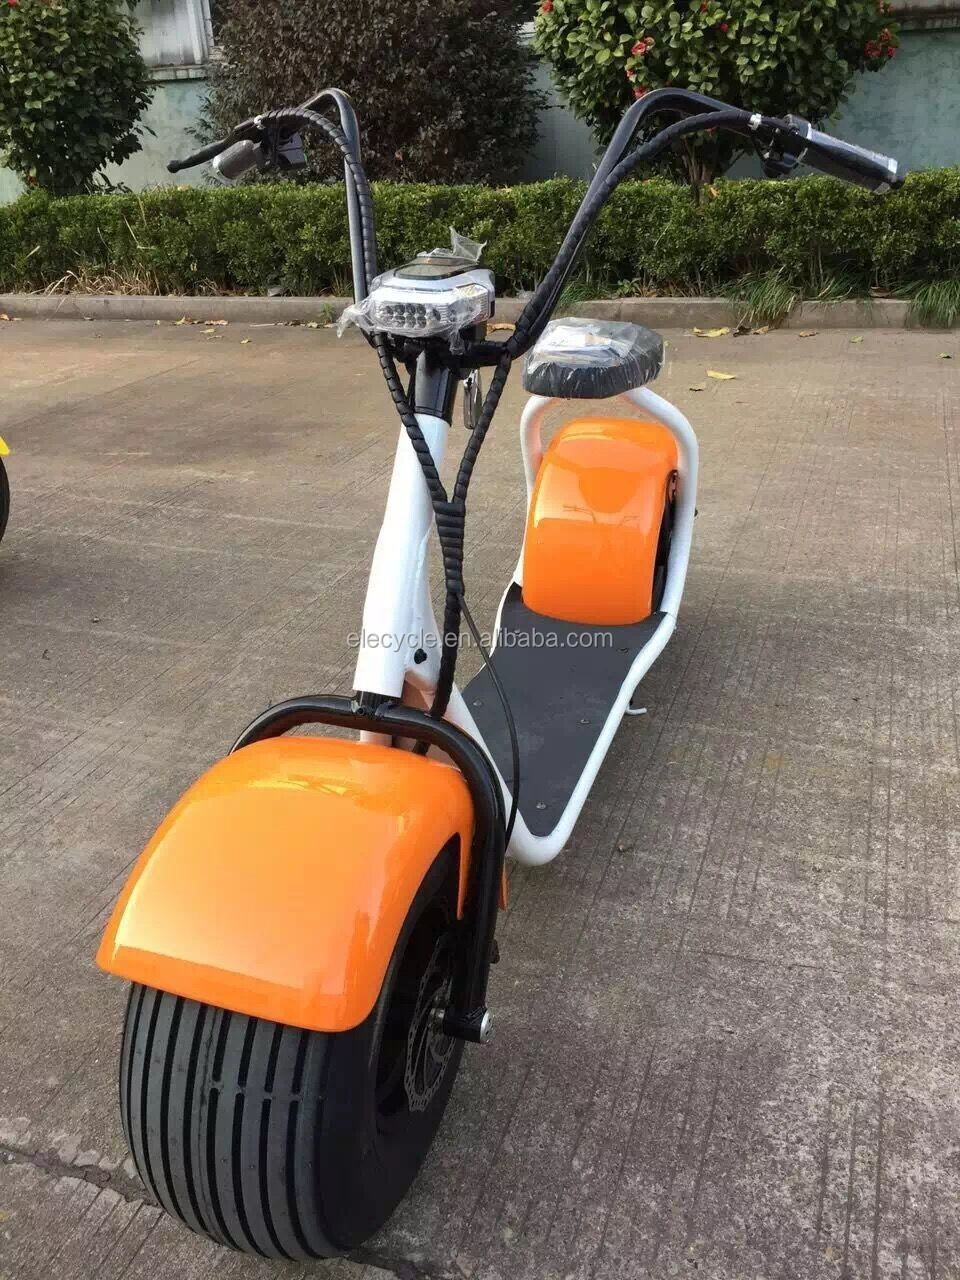 800w48v lectrique chopper dirt bike avec rechargeable batterie scooter lectrique moto id de. Black Bedroom Furniture Sets. Home Design Ideas